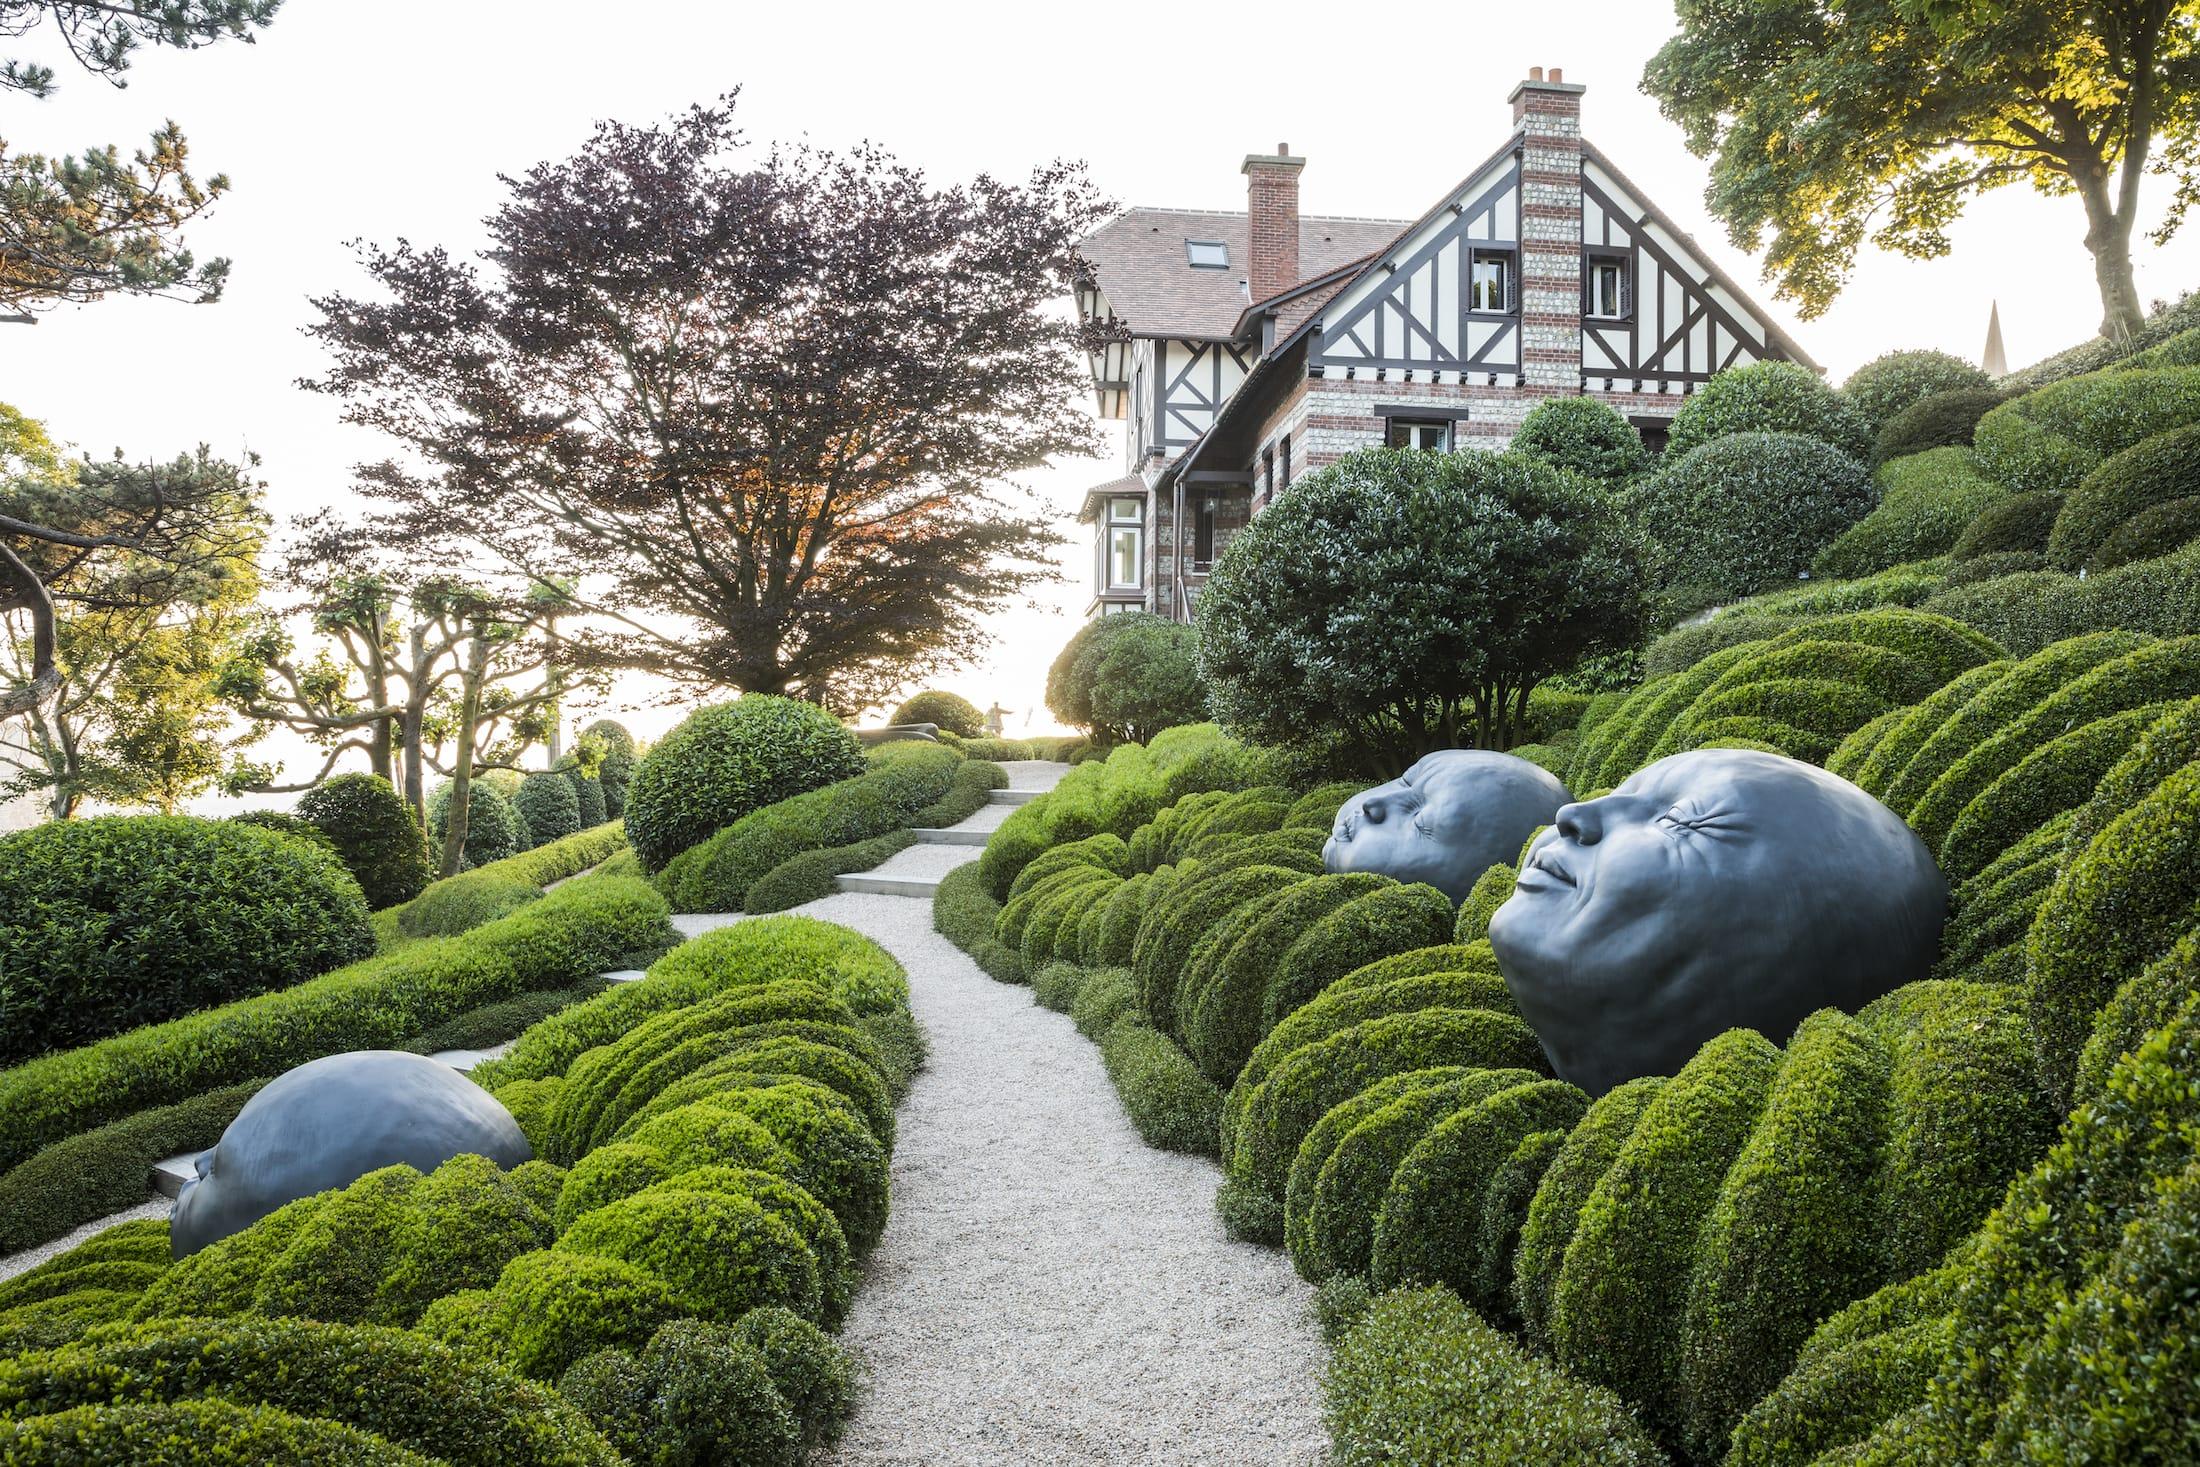 Les Jardins d'Etretat by Alexandre Grivko - mooool